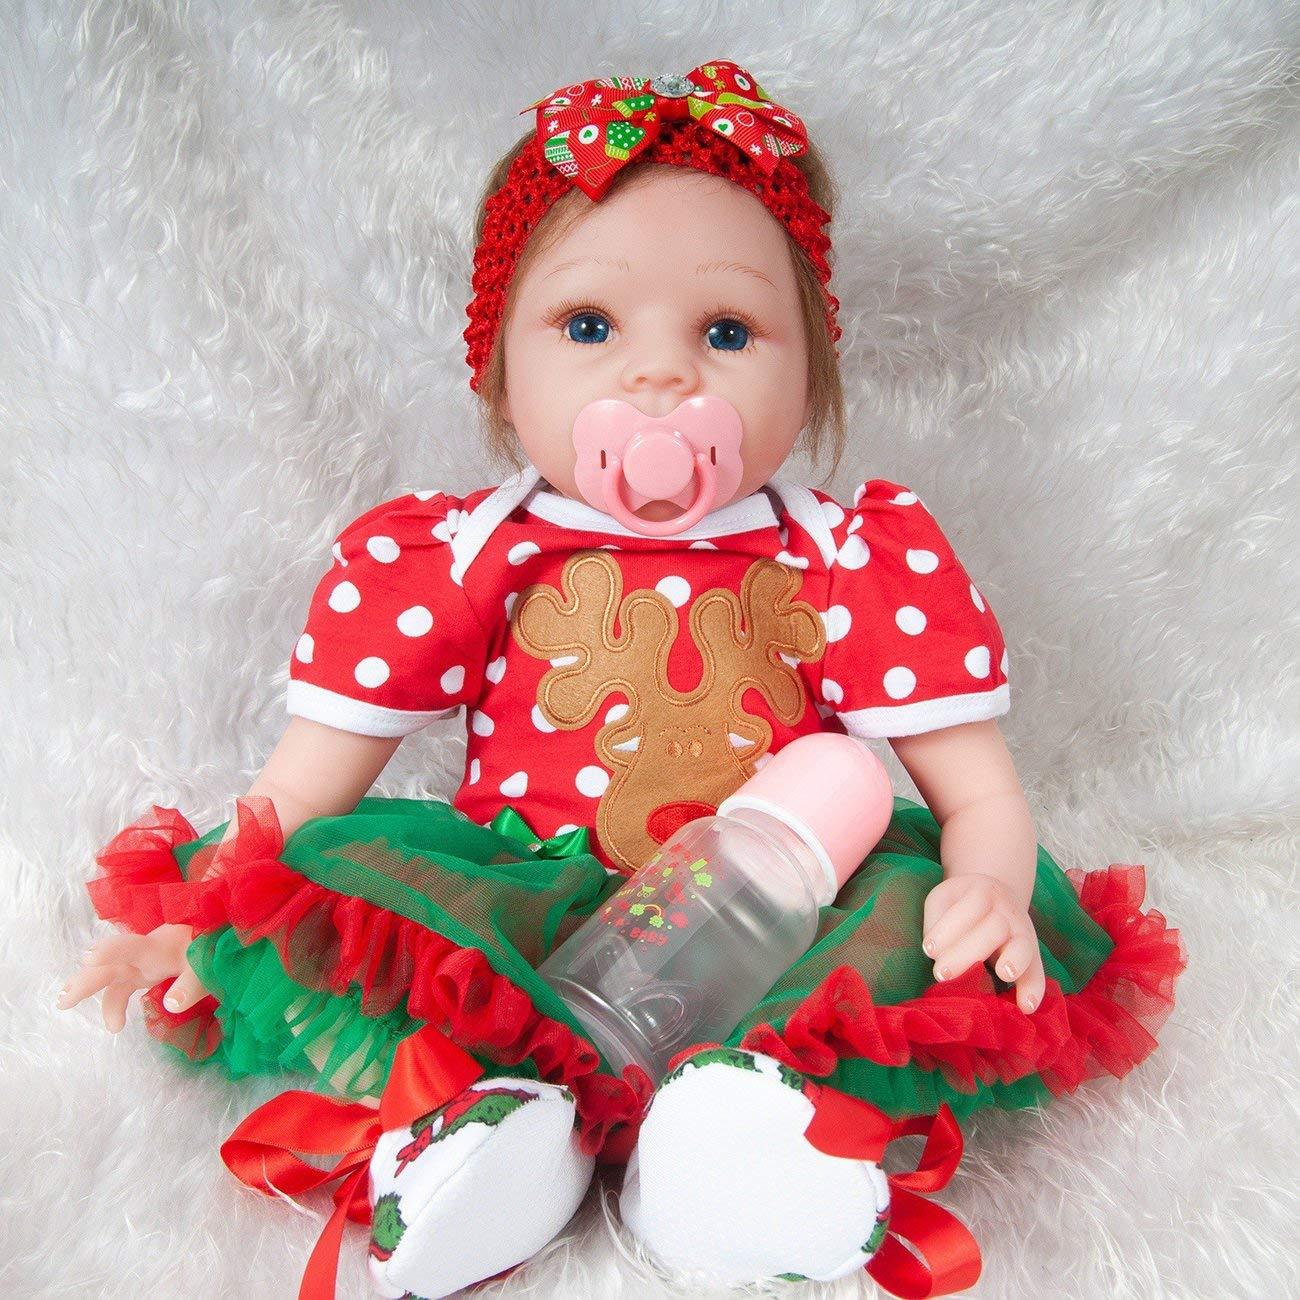 Azalea 55 cm Silicona Reborn Baby Doll Juguete Realista Paño Suave Cuerpo Navidad Ciervos Cabeza Decoración Muñeca Recién Nacido Regalo de Cumpleaños